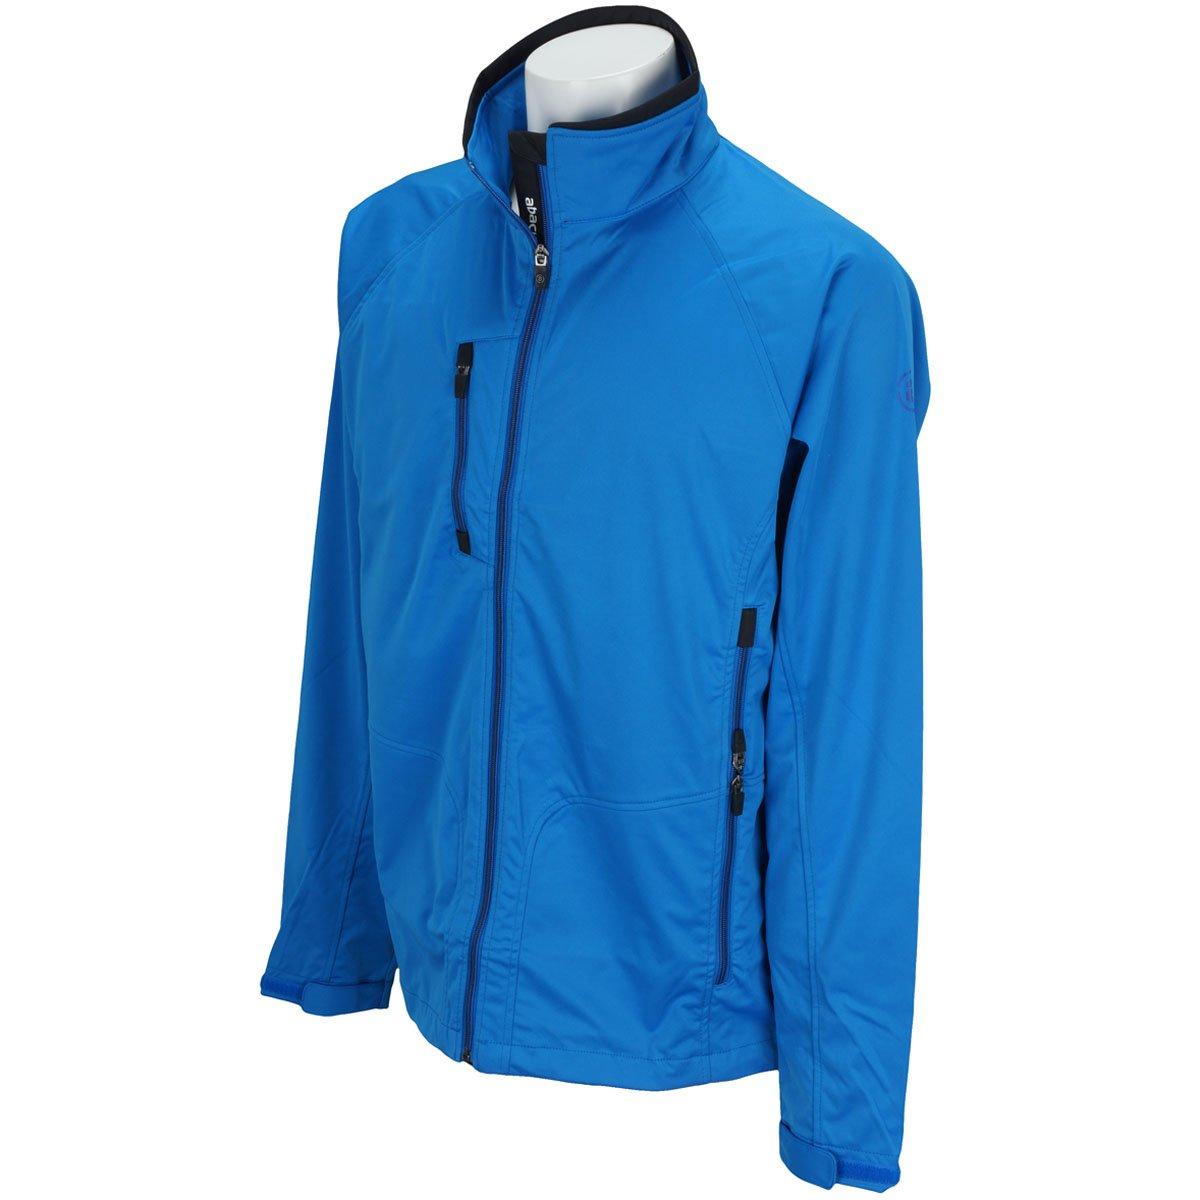 アバカス ABACUS アウター(ブルゾン、ウインド、ジャケット) ジャケット ブルー S B079HKSZLY S|ブルー ブルー S